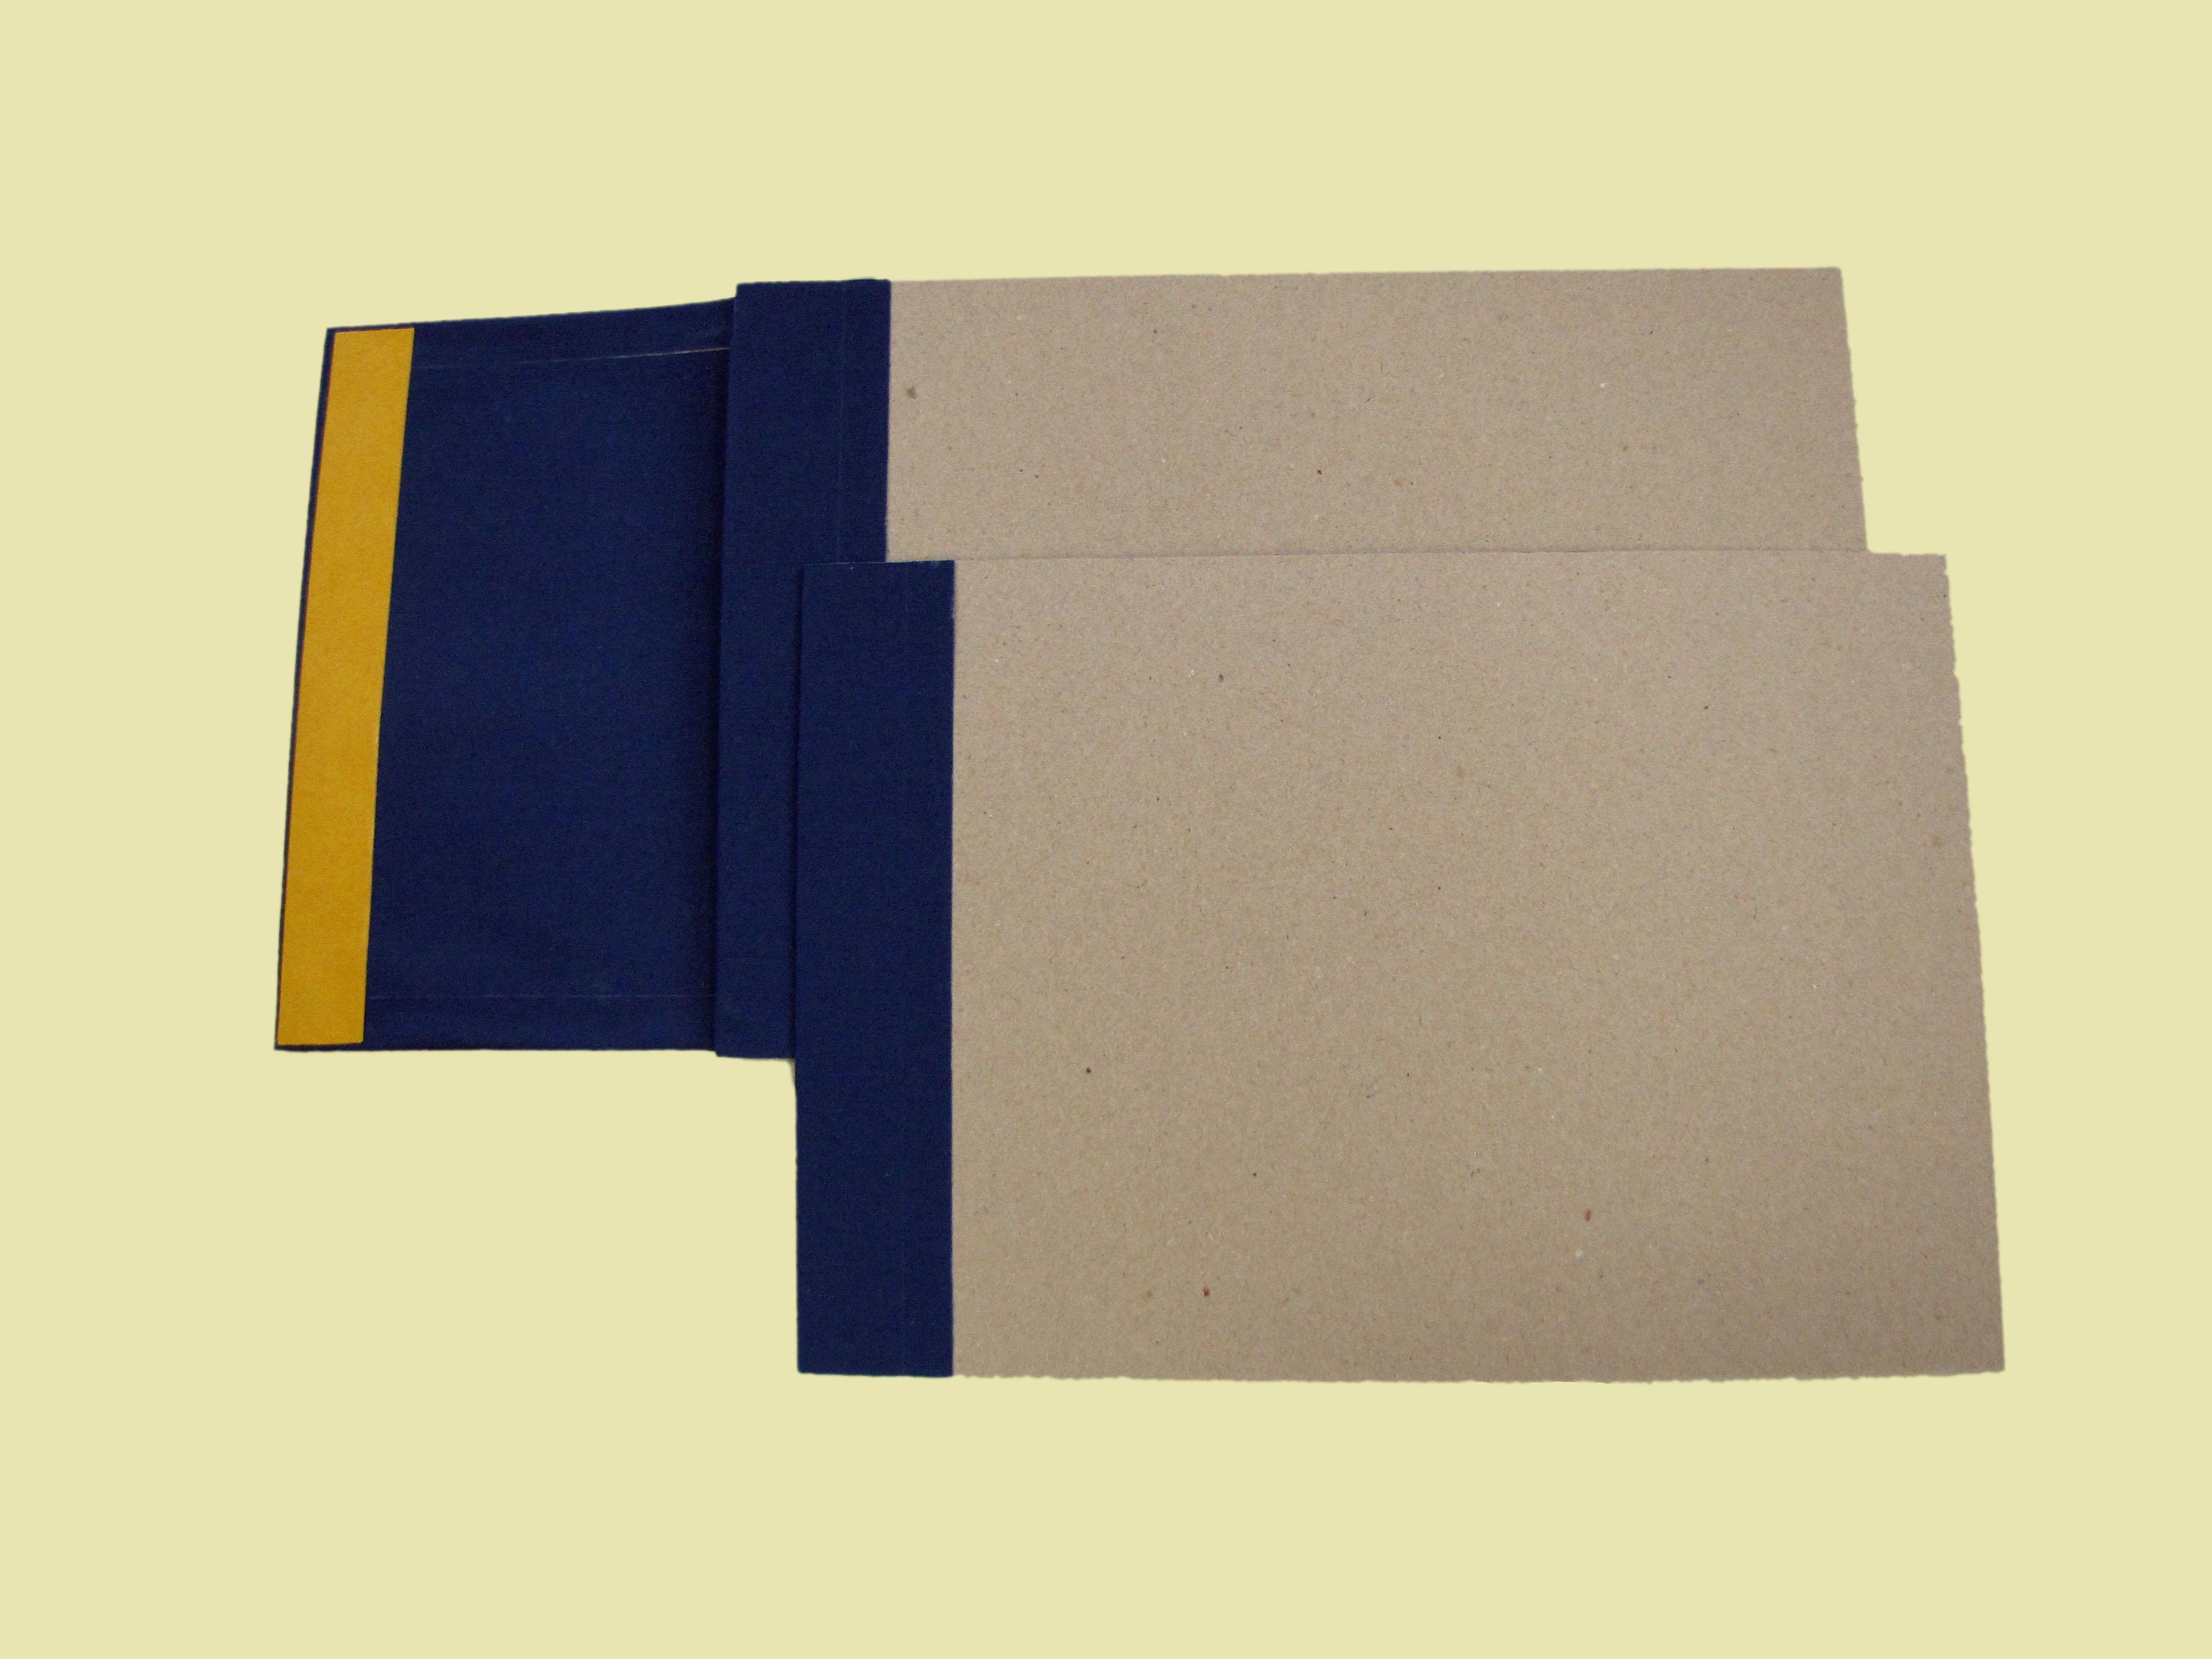 Коленкор: что это такое, определение, описание и свойства ткани, применение (коленкоровый переплет), особенности, отзывы и цена